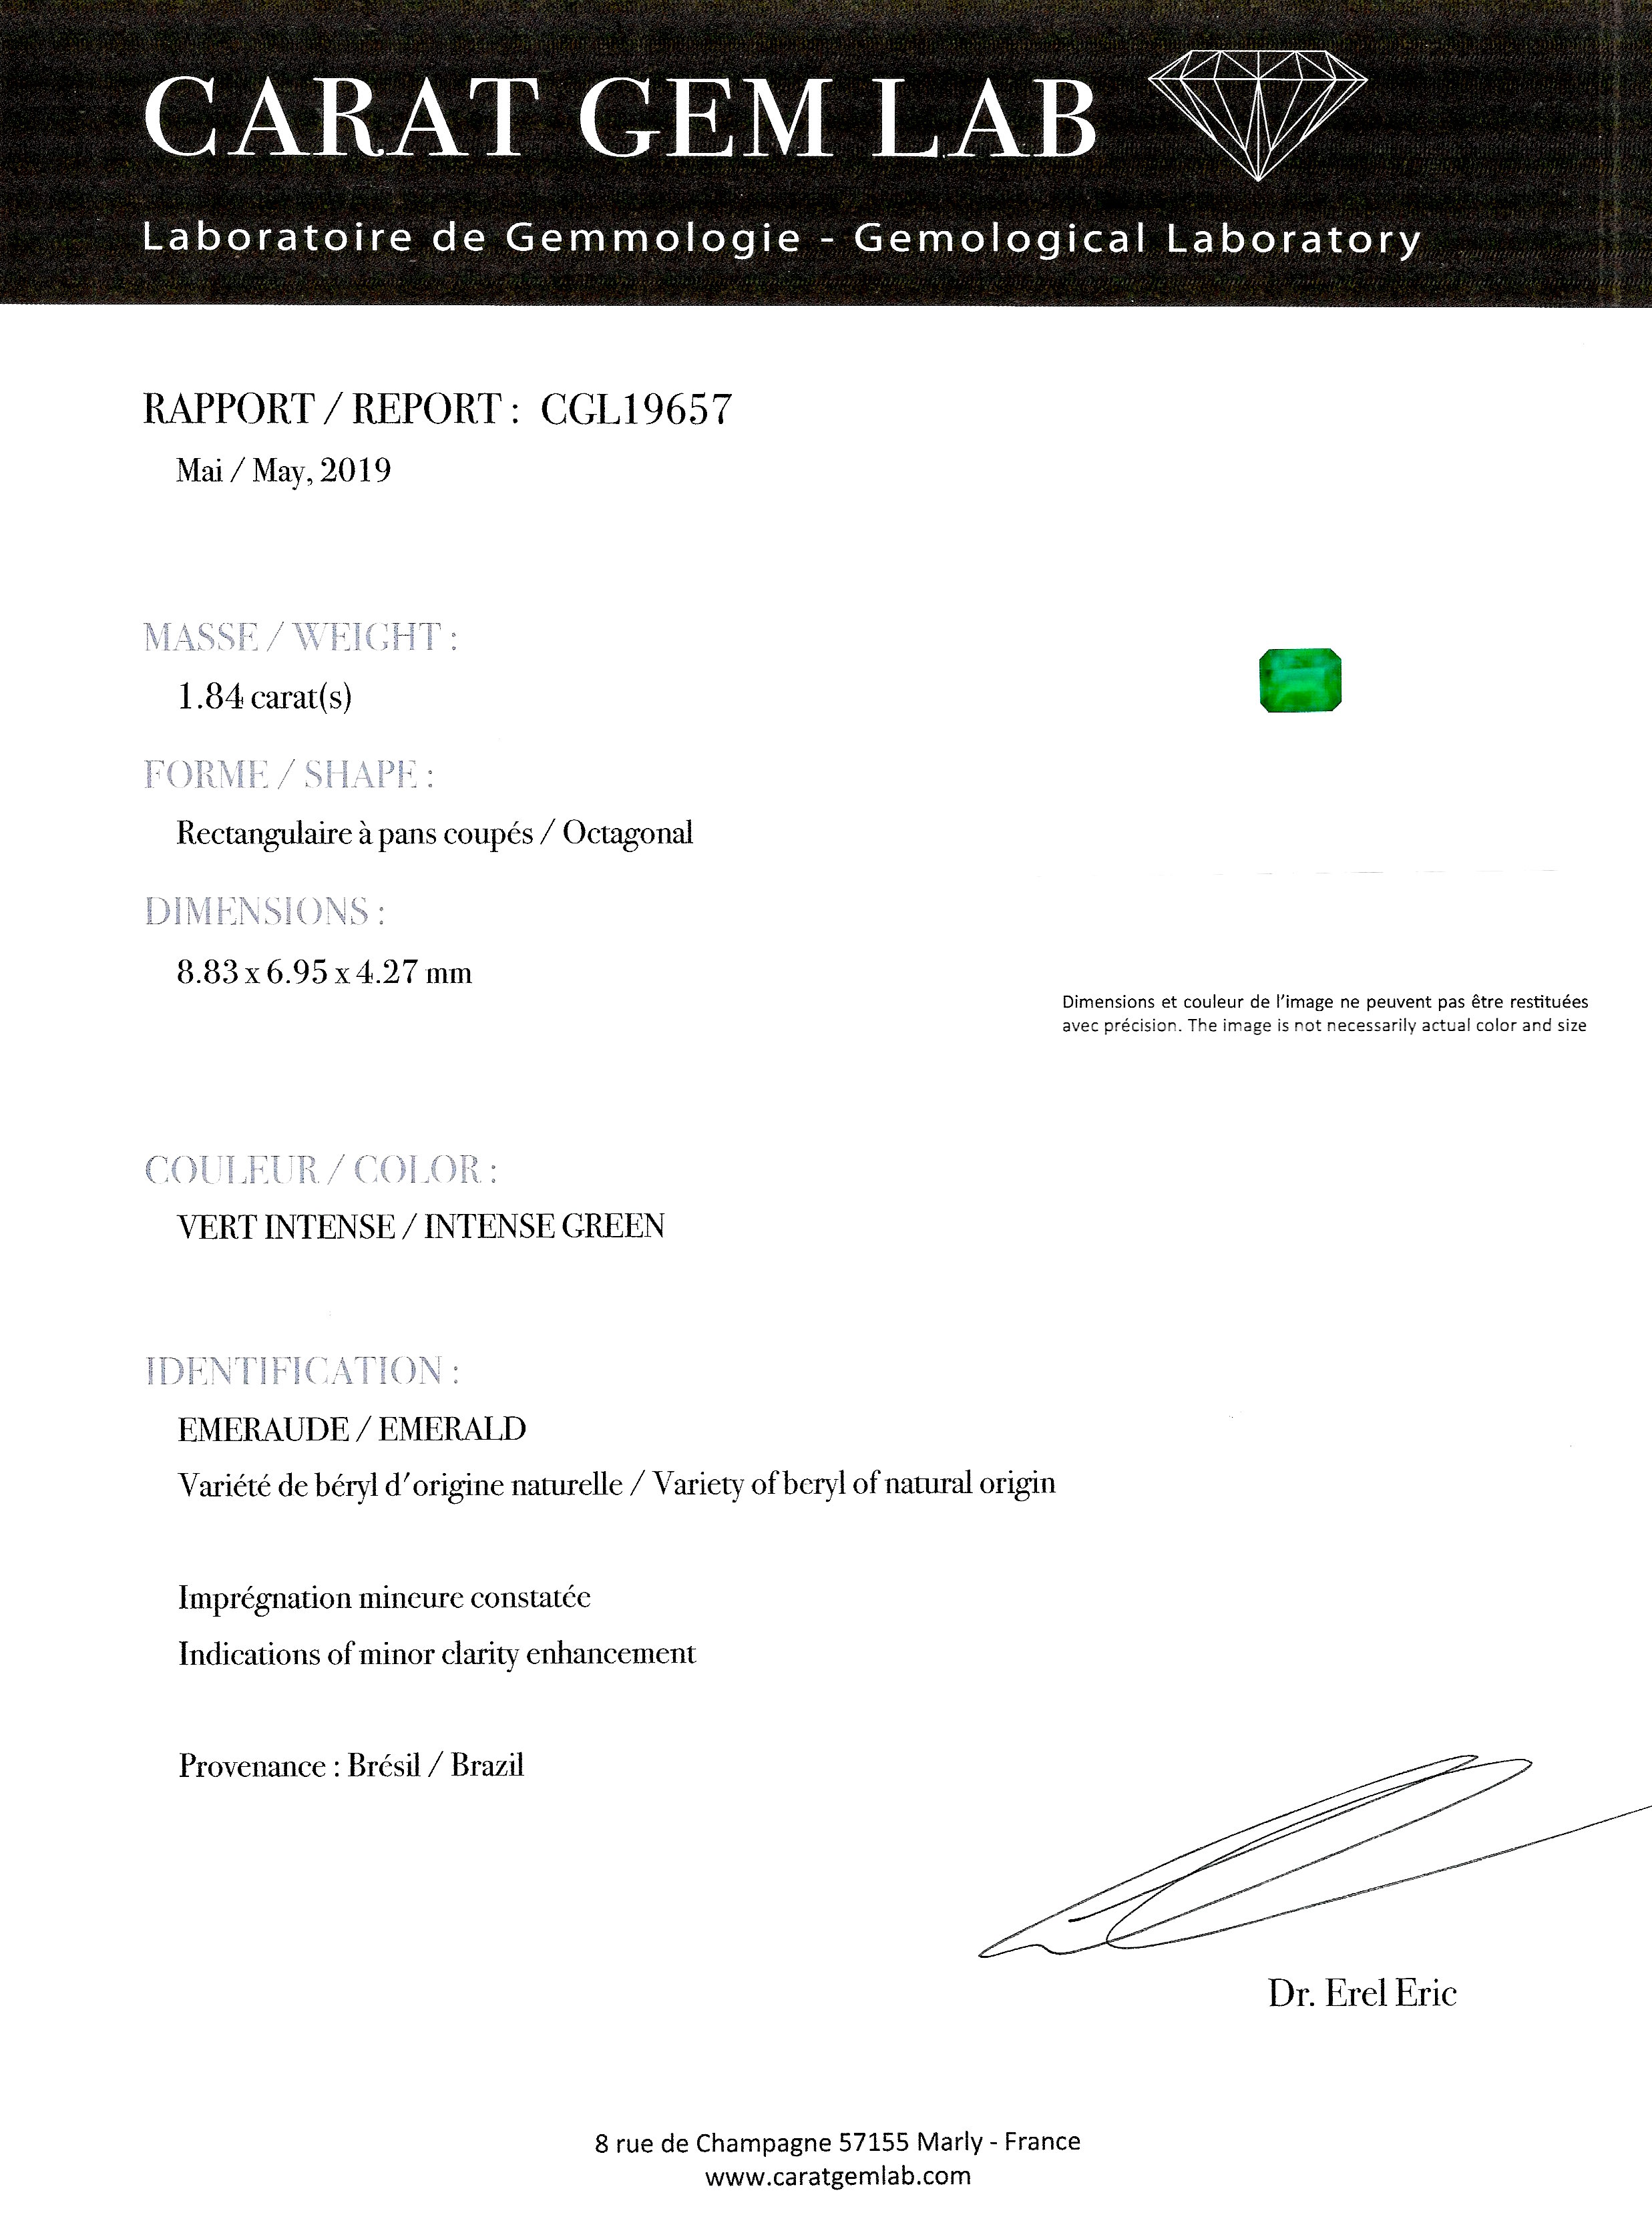 Bague Art Déco émeraude vert intense (certificat CGL) diamants-4